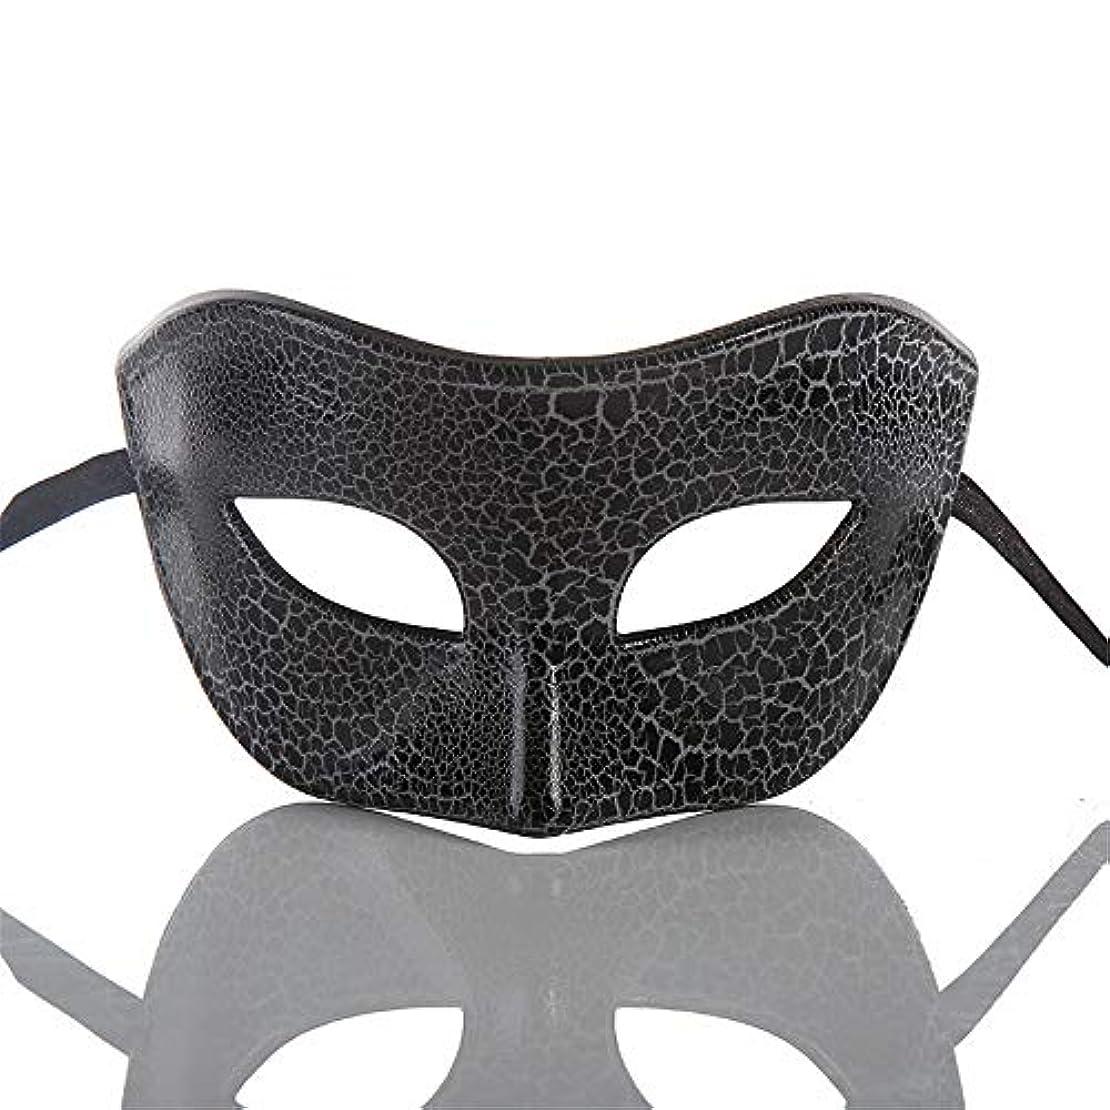 夢アベニュー完璧ダンスマスク ハーフマスク新しいハロウィーンマスク仮装レトロコスプレメイクナイトクラブマスク雰囲気クリスマスお祝いプラスチックマスク ホリデーパーティー用品 (色 : ブラック, サイズ : 16.5x8cm)